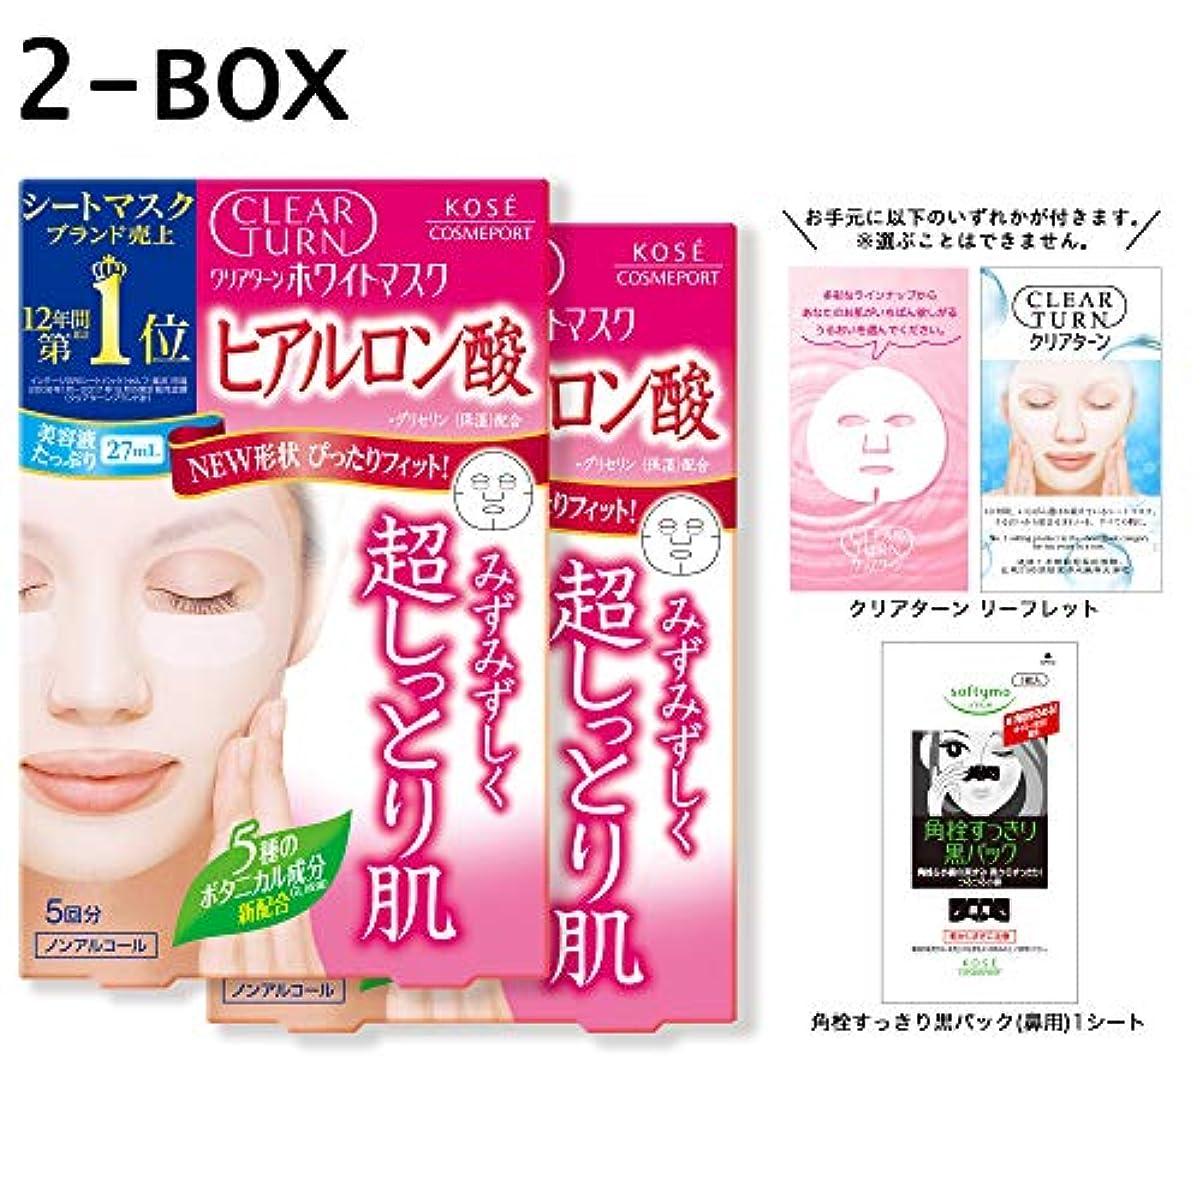 繰り返し美容師確かめる【Amazon.co.jp限定】KOSE クリアターン ホワイト マスク HA (ヒアルロン酸) 5回分 2P+おまけ付 フェイスマスク